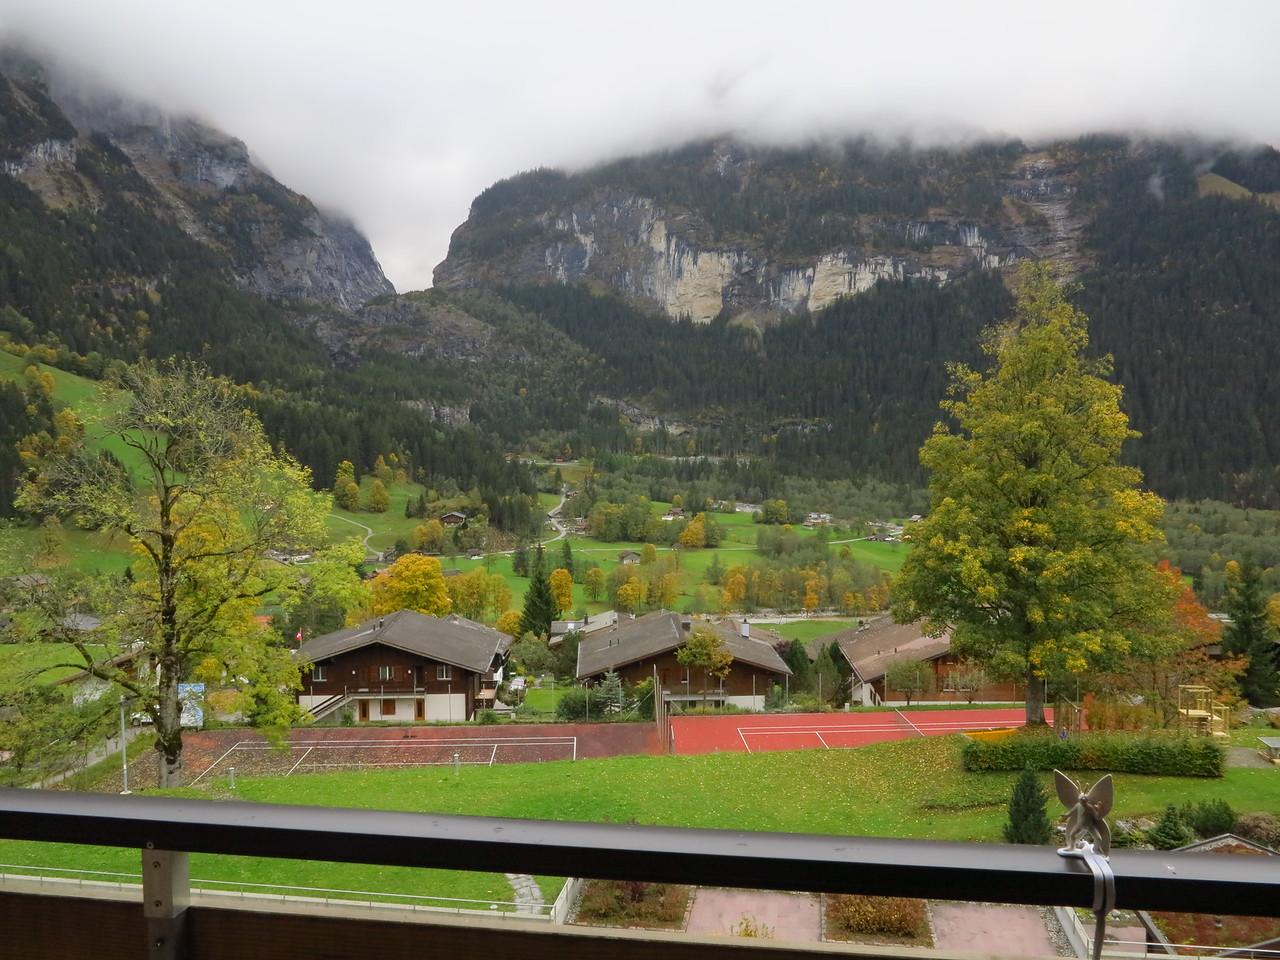 2015-10-07 Grindelwald, Switzerland